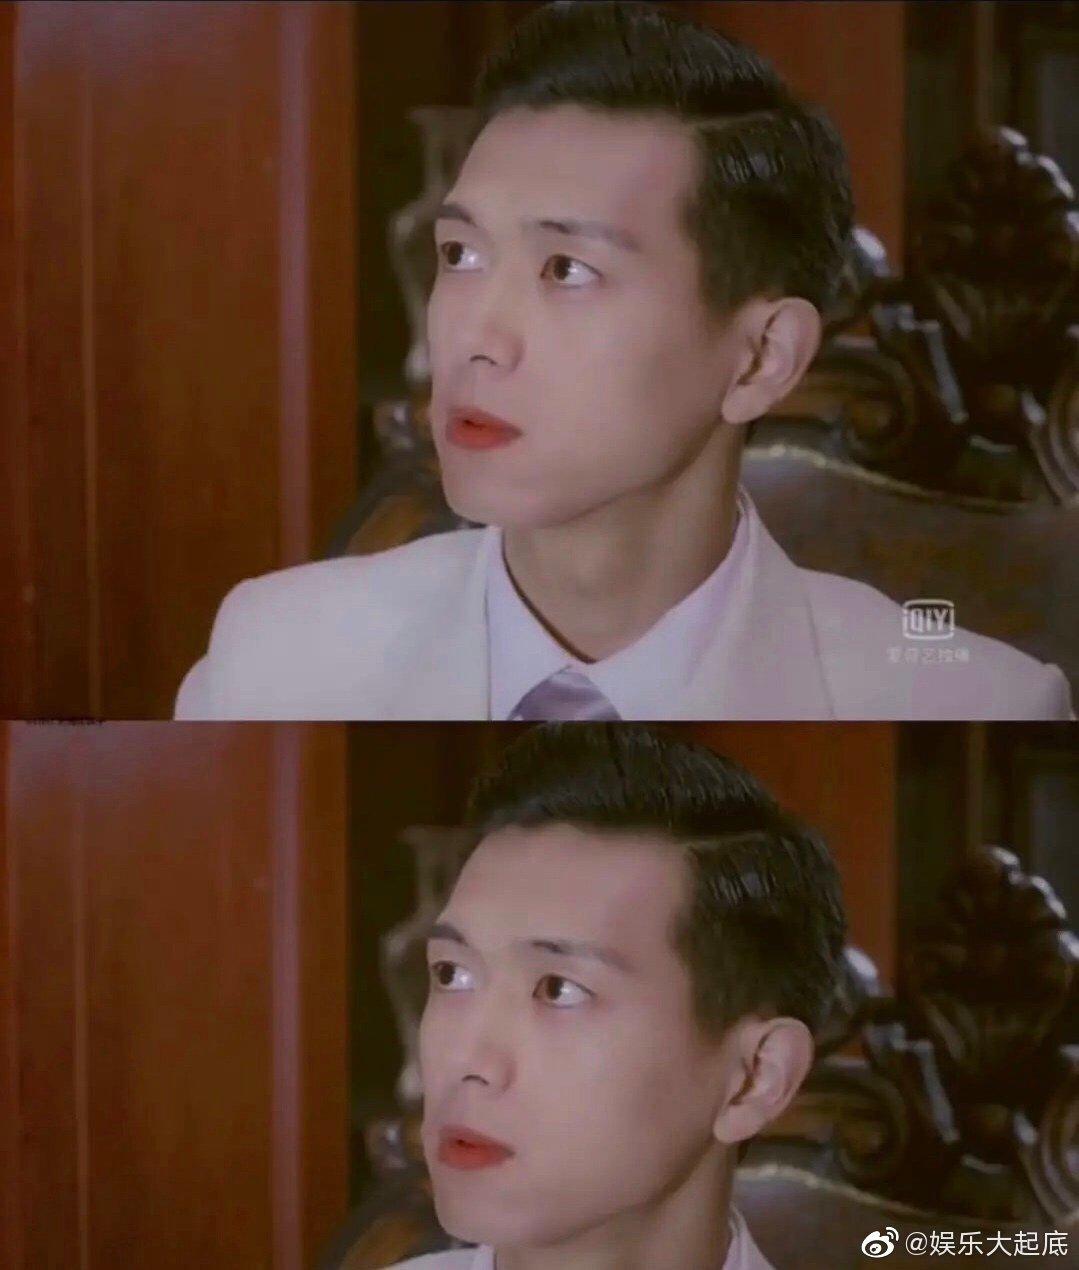 @杨紫@李现ing 李现和杨紫的民国扮相……我天!!拍一部民国戏吧!